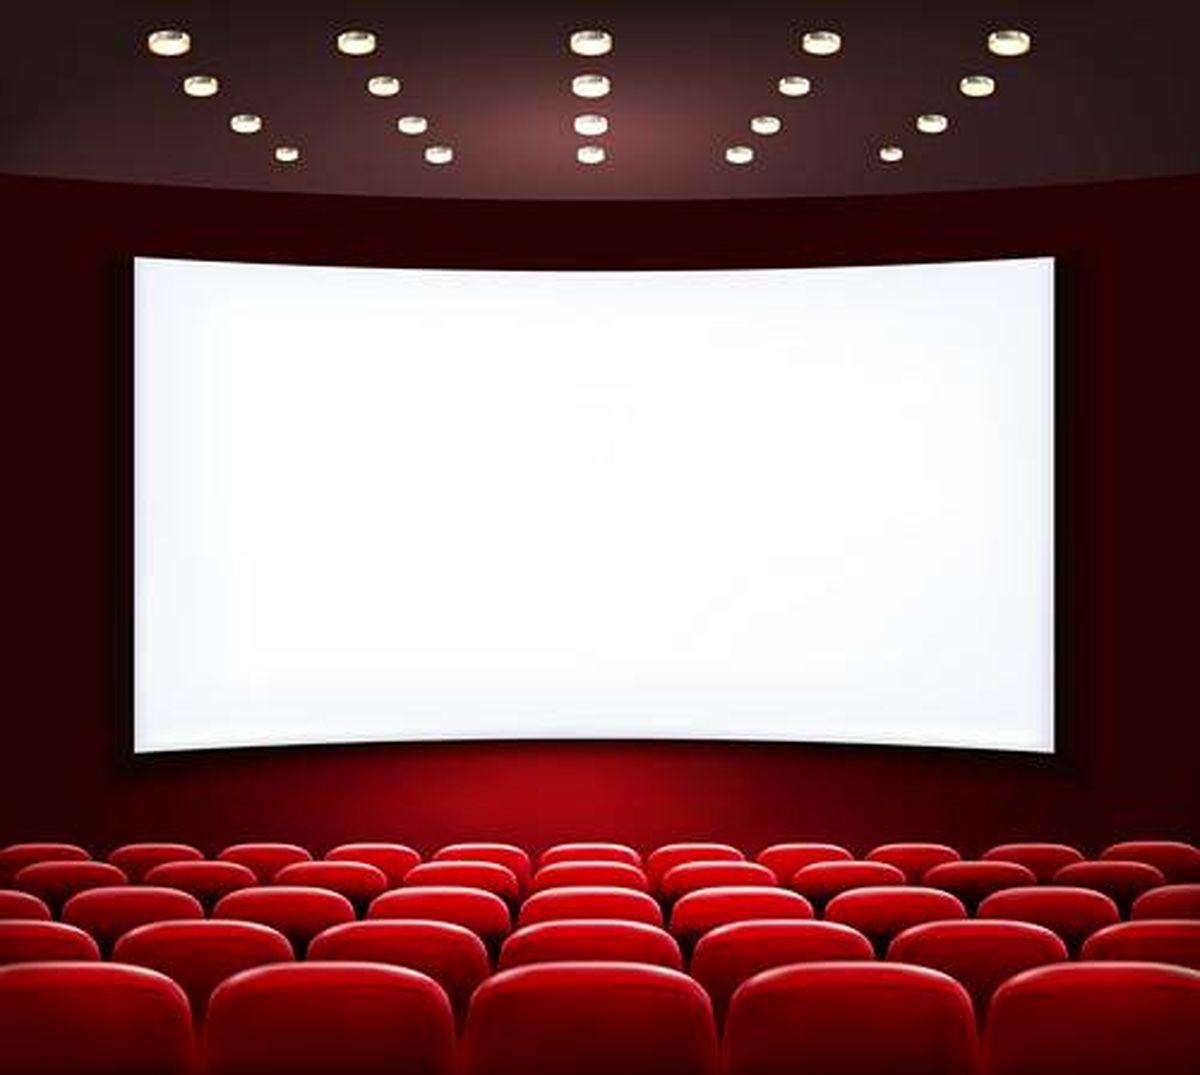 ۵۰۰ پرده سینما در کشور منتظر اکران یک فیلم خوب!